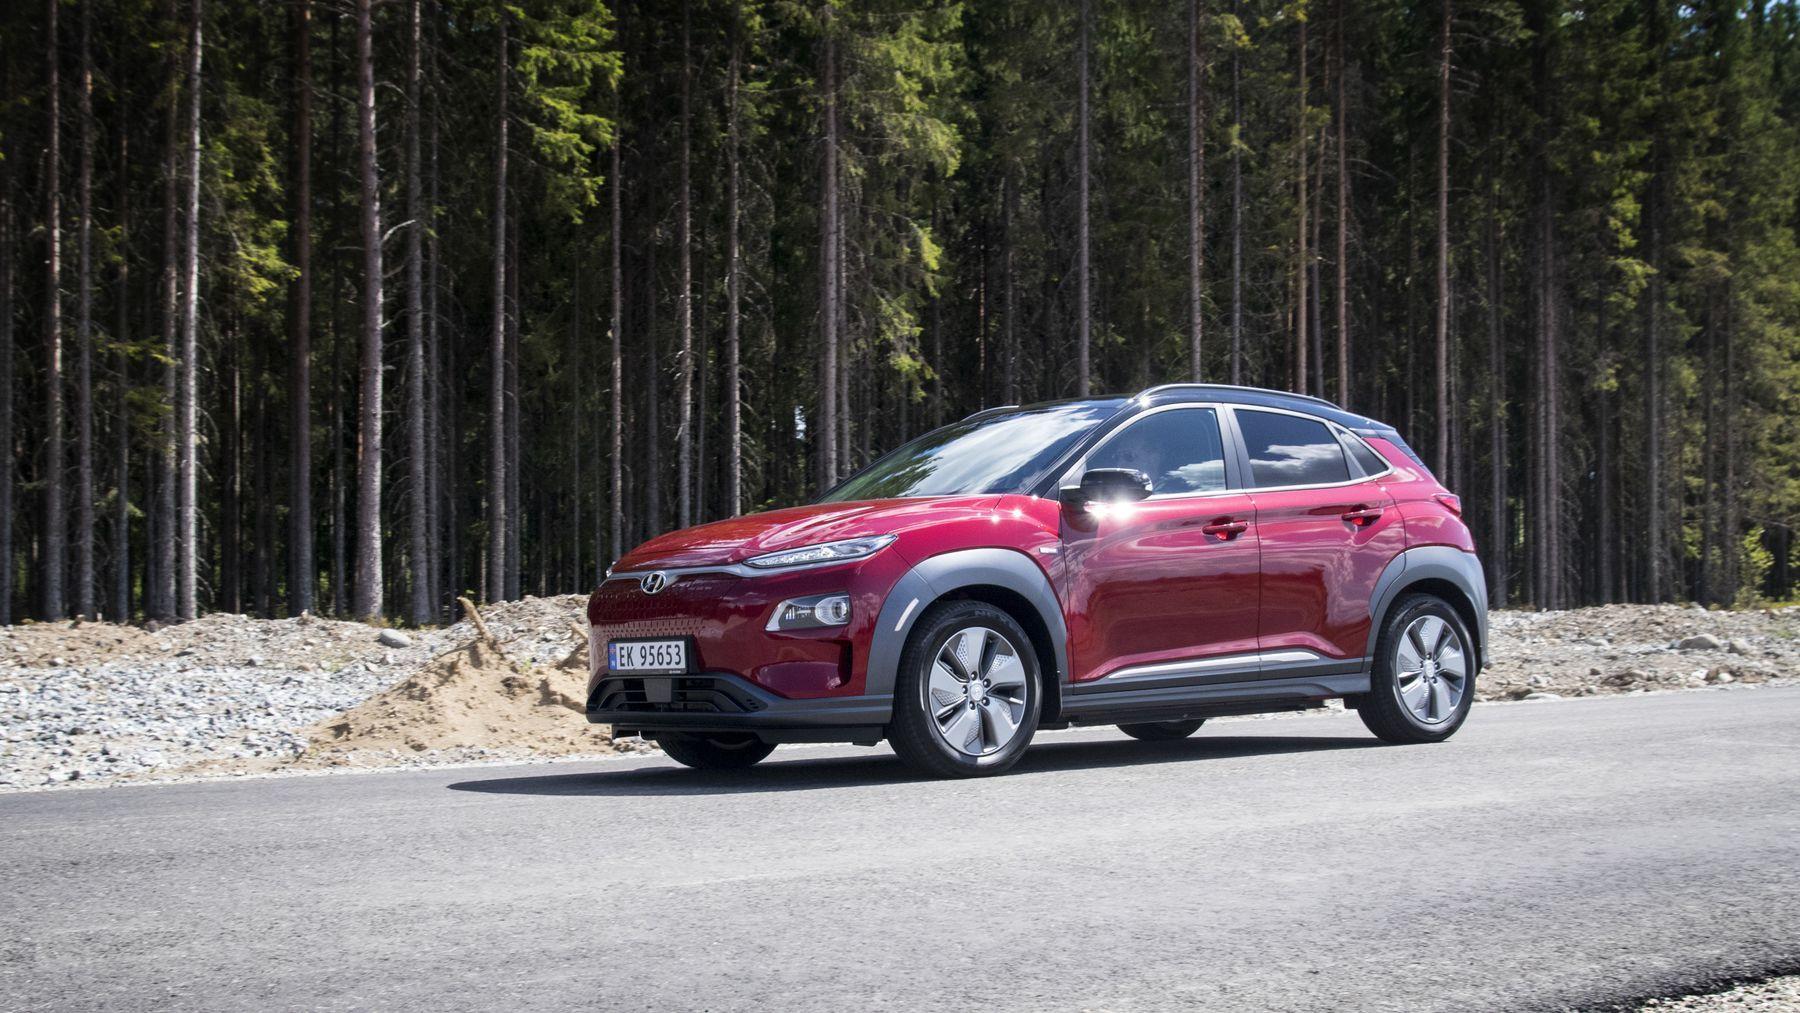 Hyundai Kona får en flat prisøkning på tvers av modeller på 45.000 kroner.